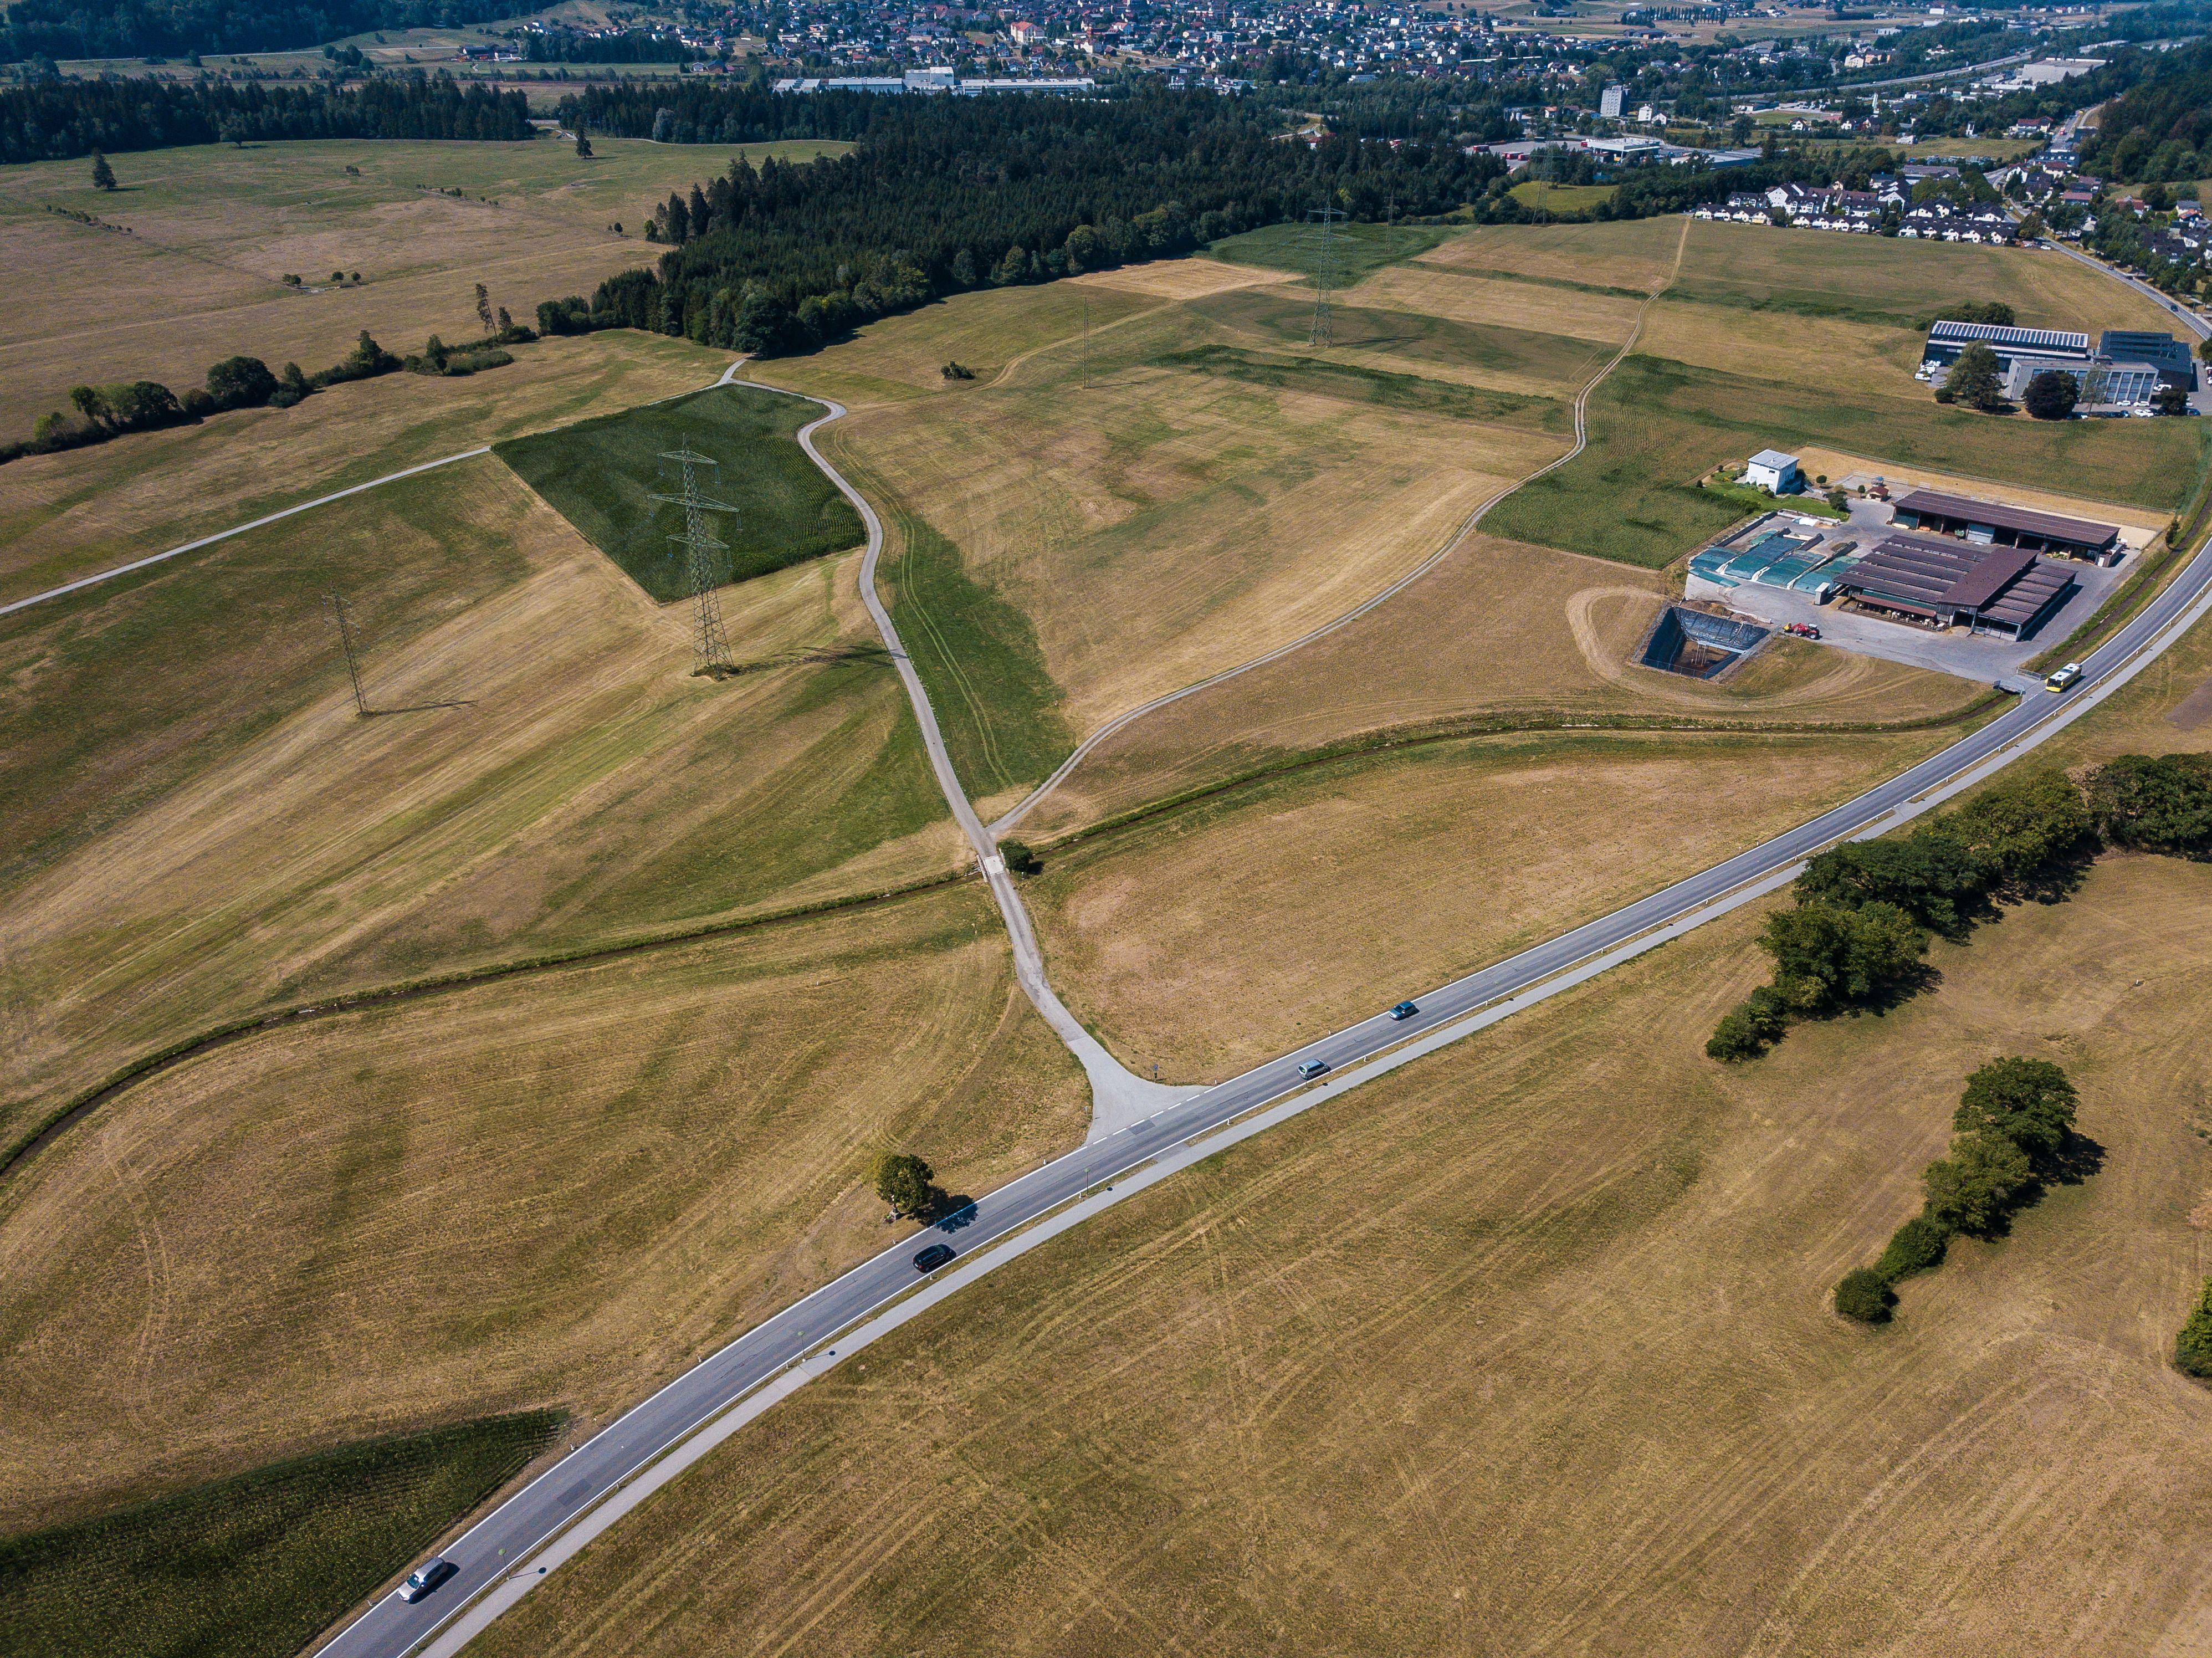 Anhaltende Trockenheit: 4,5 Mio. Euro Schaden für Landwirtschaft